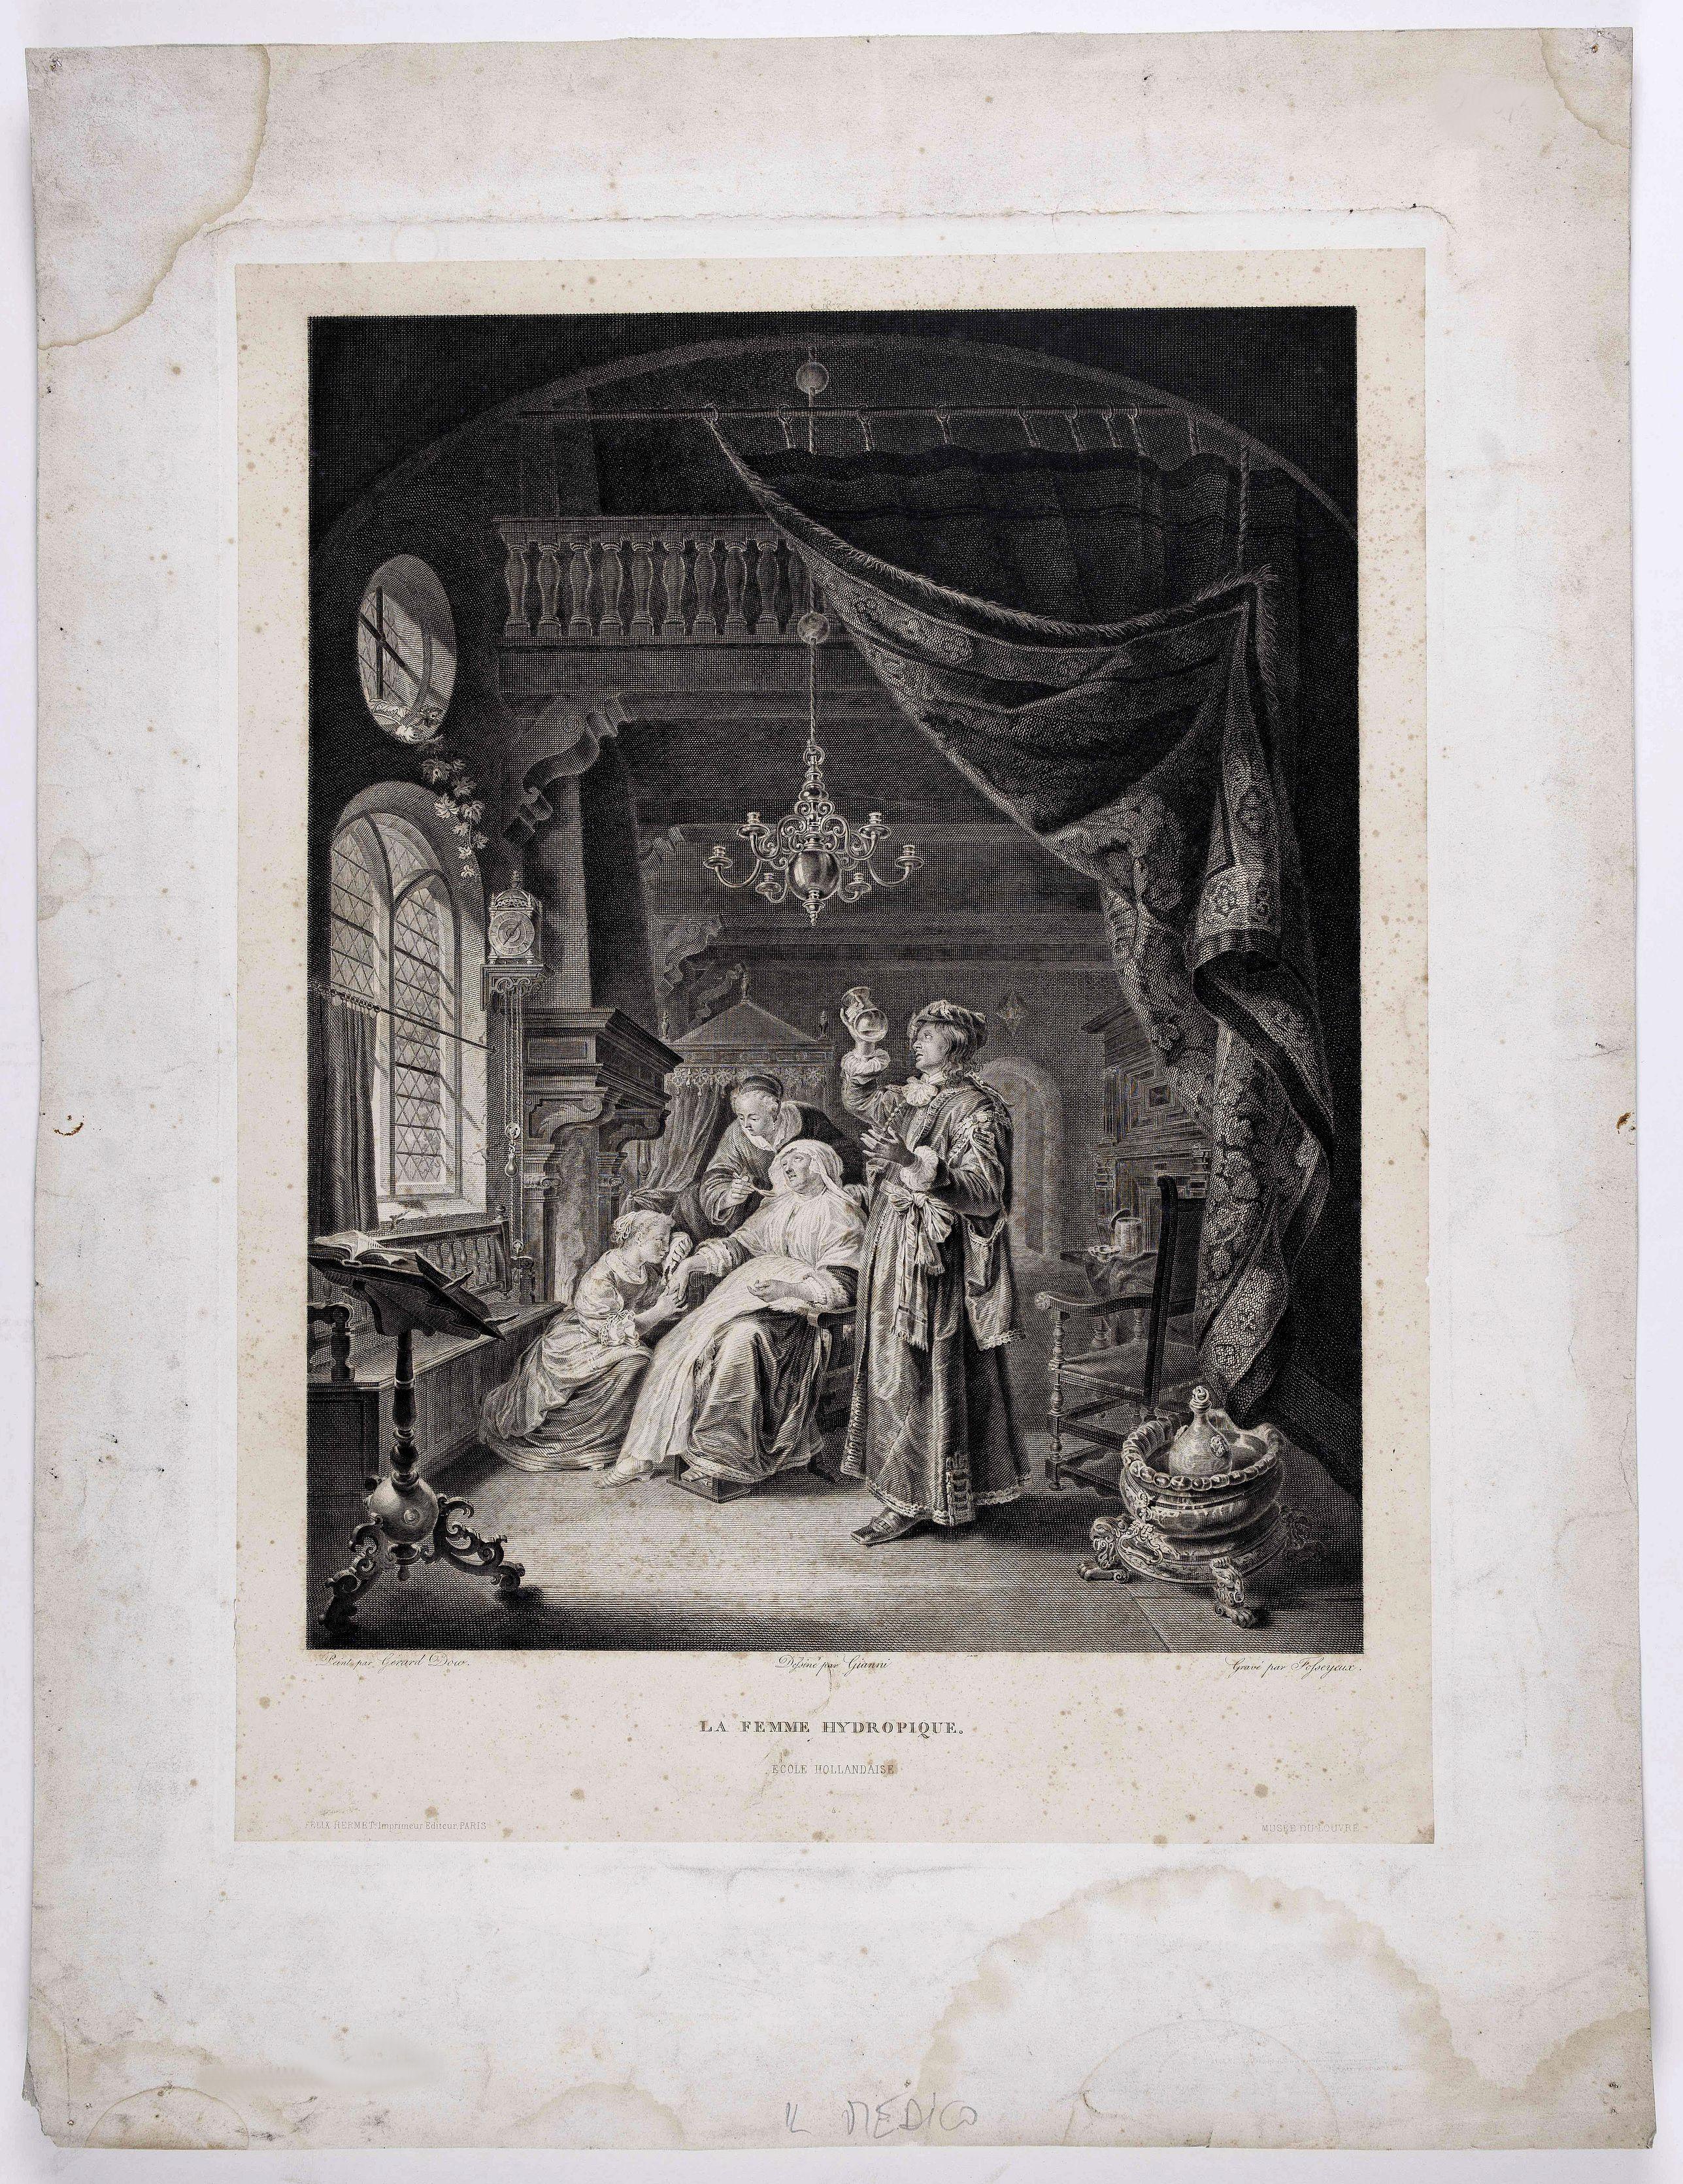 DOUW, G. (after) - La femme hydropique. Ecole Hollandaise.